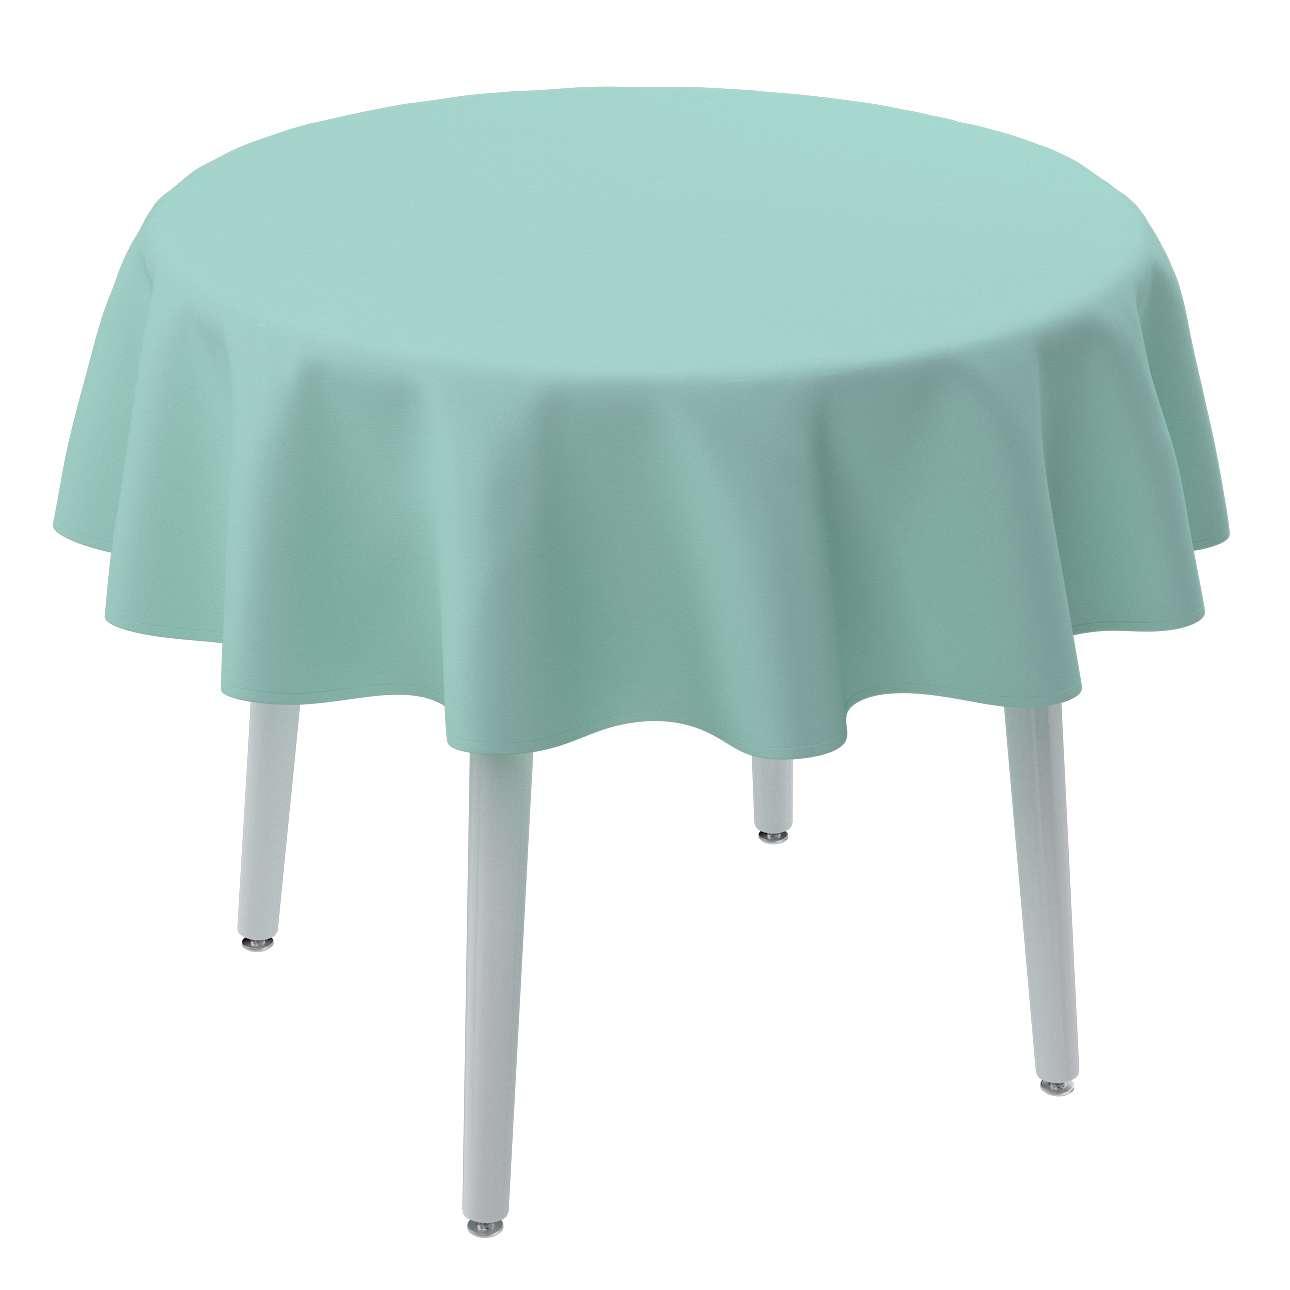 Staltiesės (apvaliam stalui) kolekcijoje Loneta , audinys: 133-32